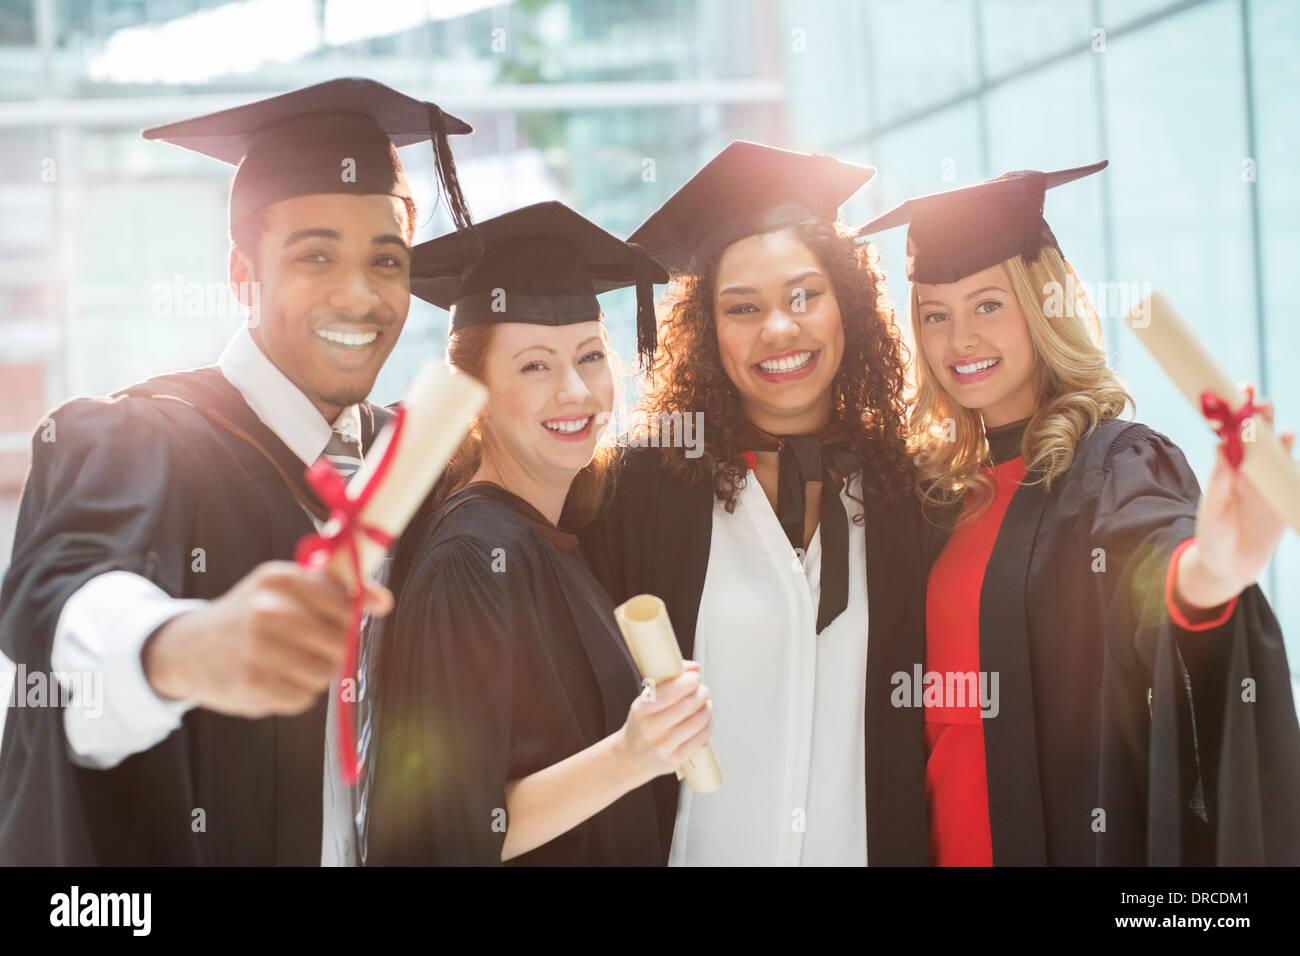 Graduados con diploma sonriente Imagen De Stock